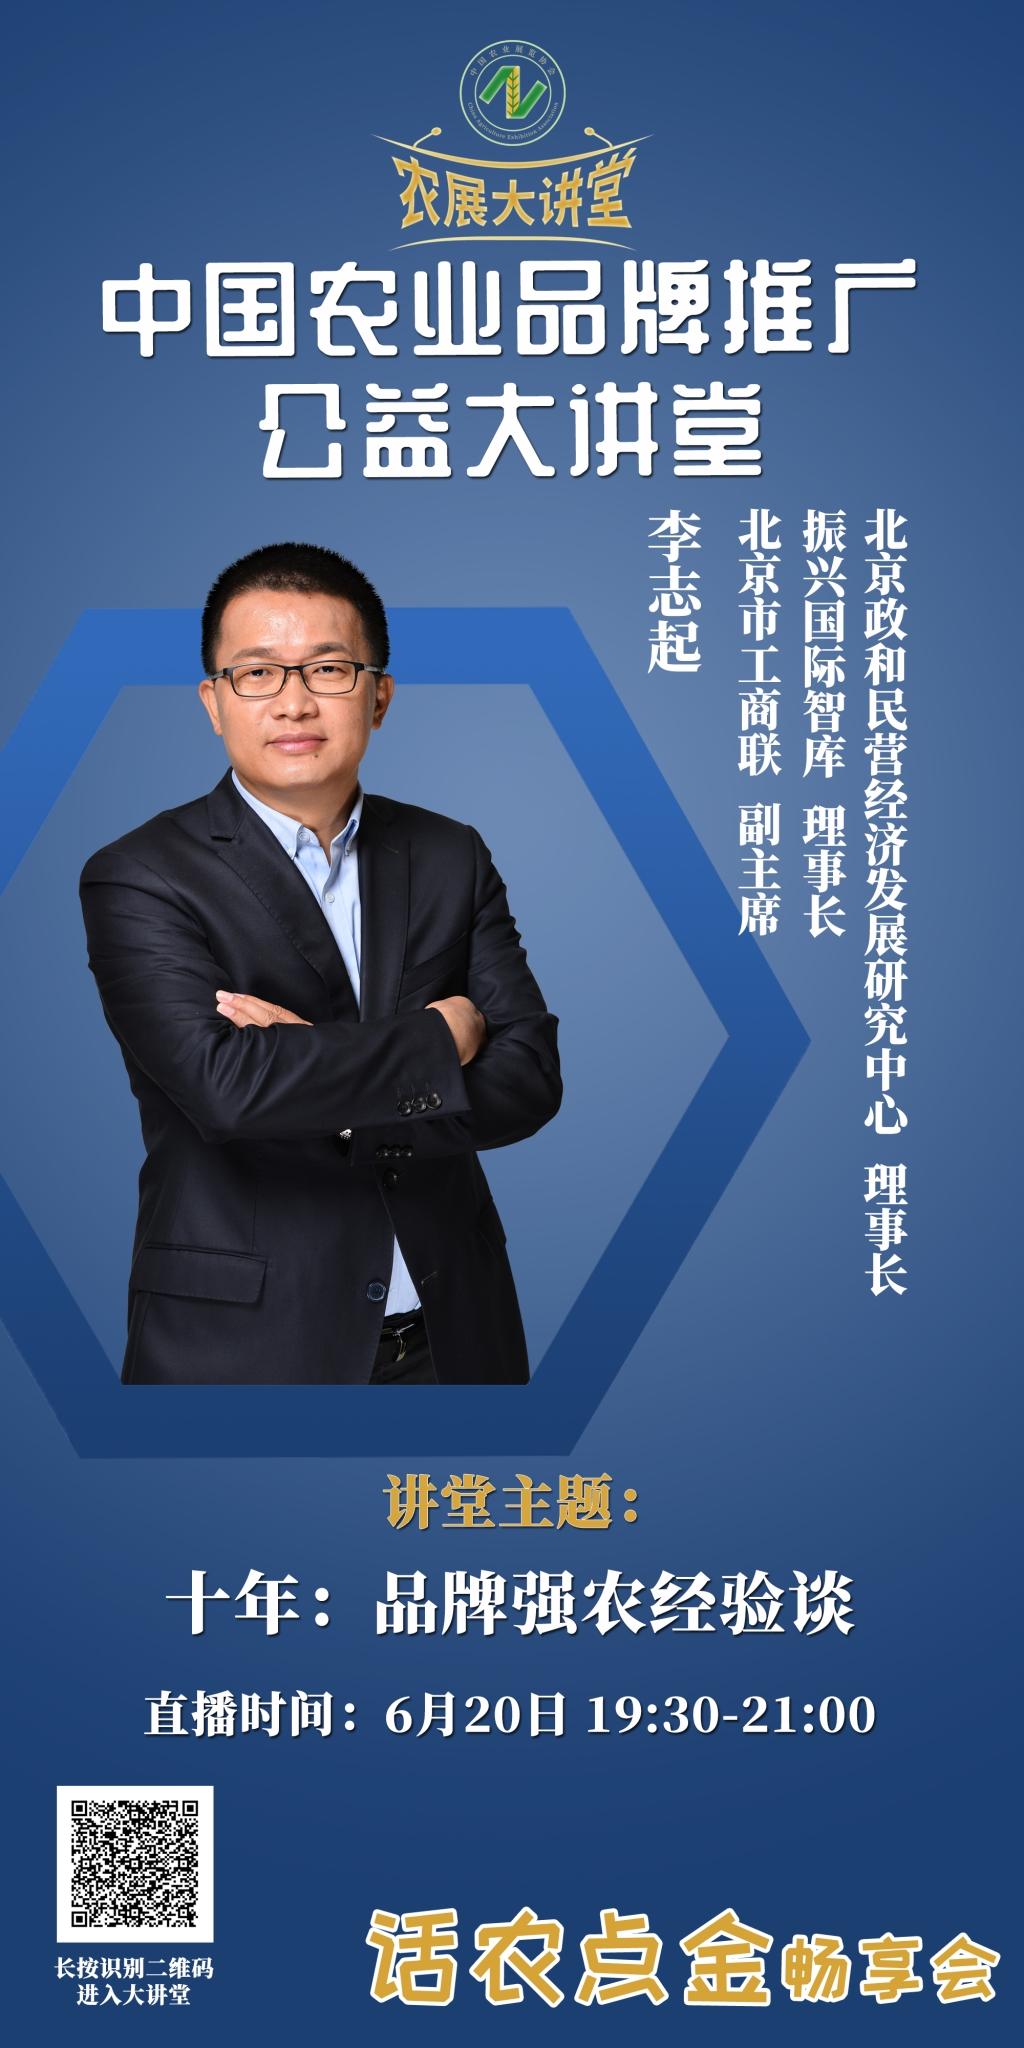 【农展大讲堂17·预告】6月20日(周六)中国农业品牌推广公益大讲堂第八期